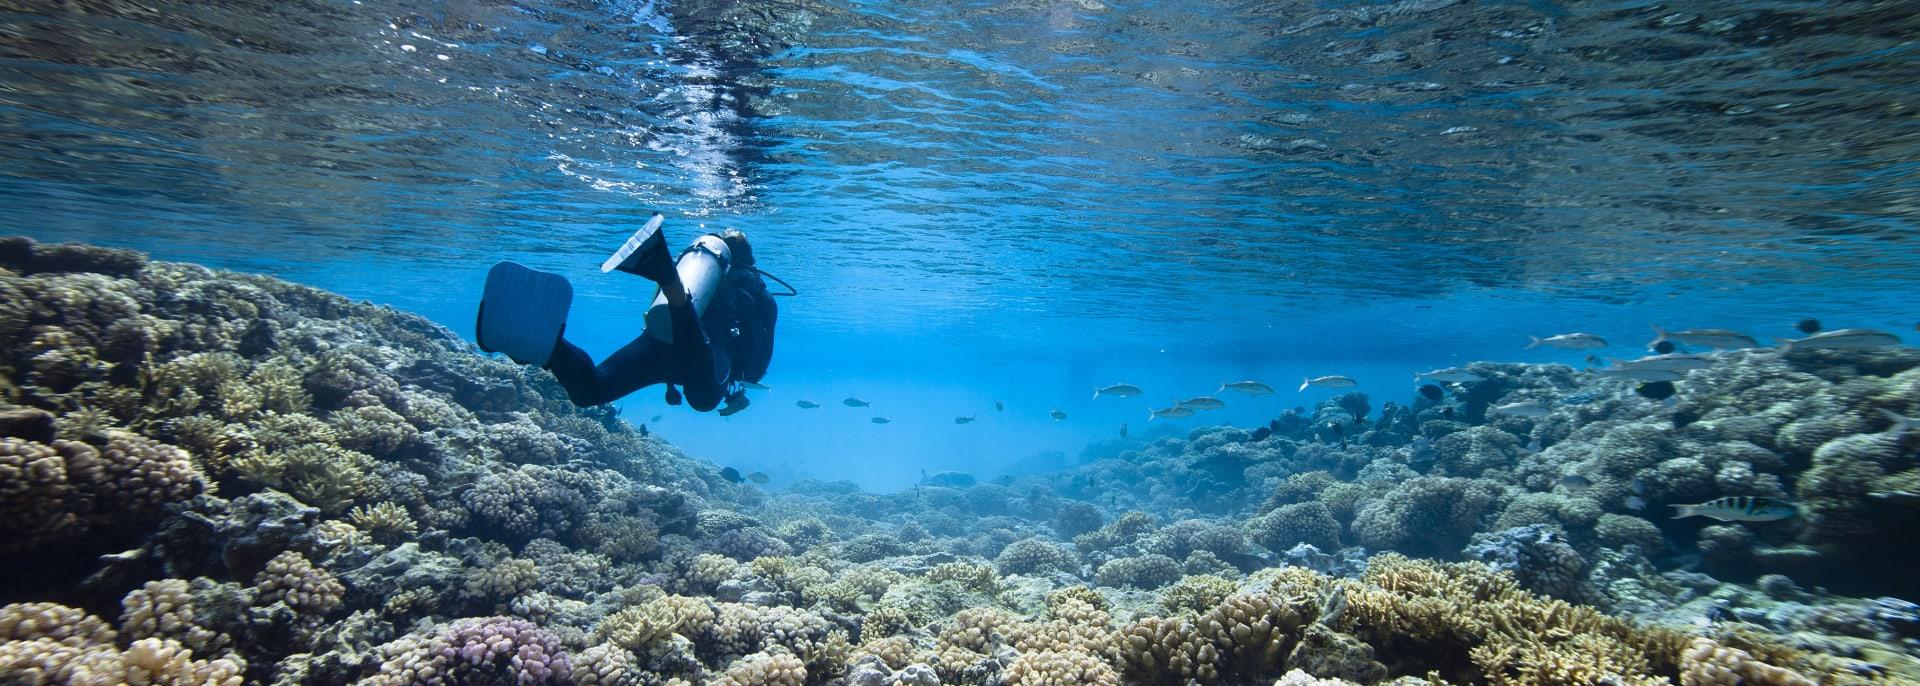 Tauchen, Französisch Polynesien